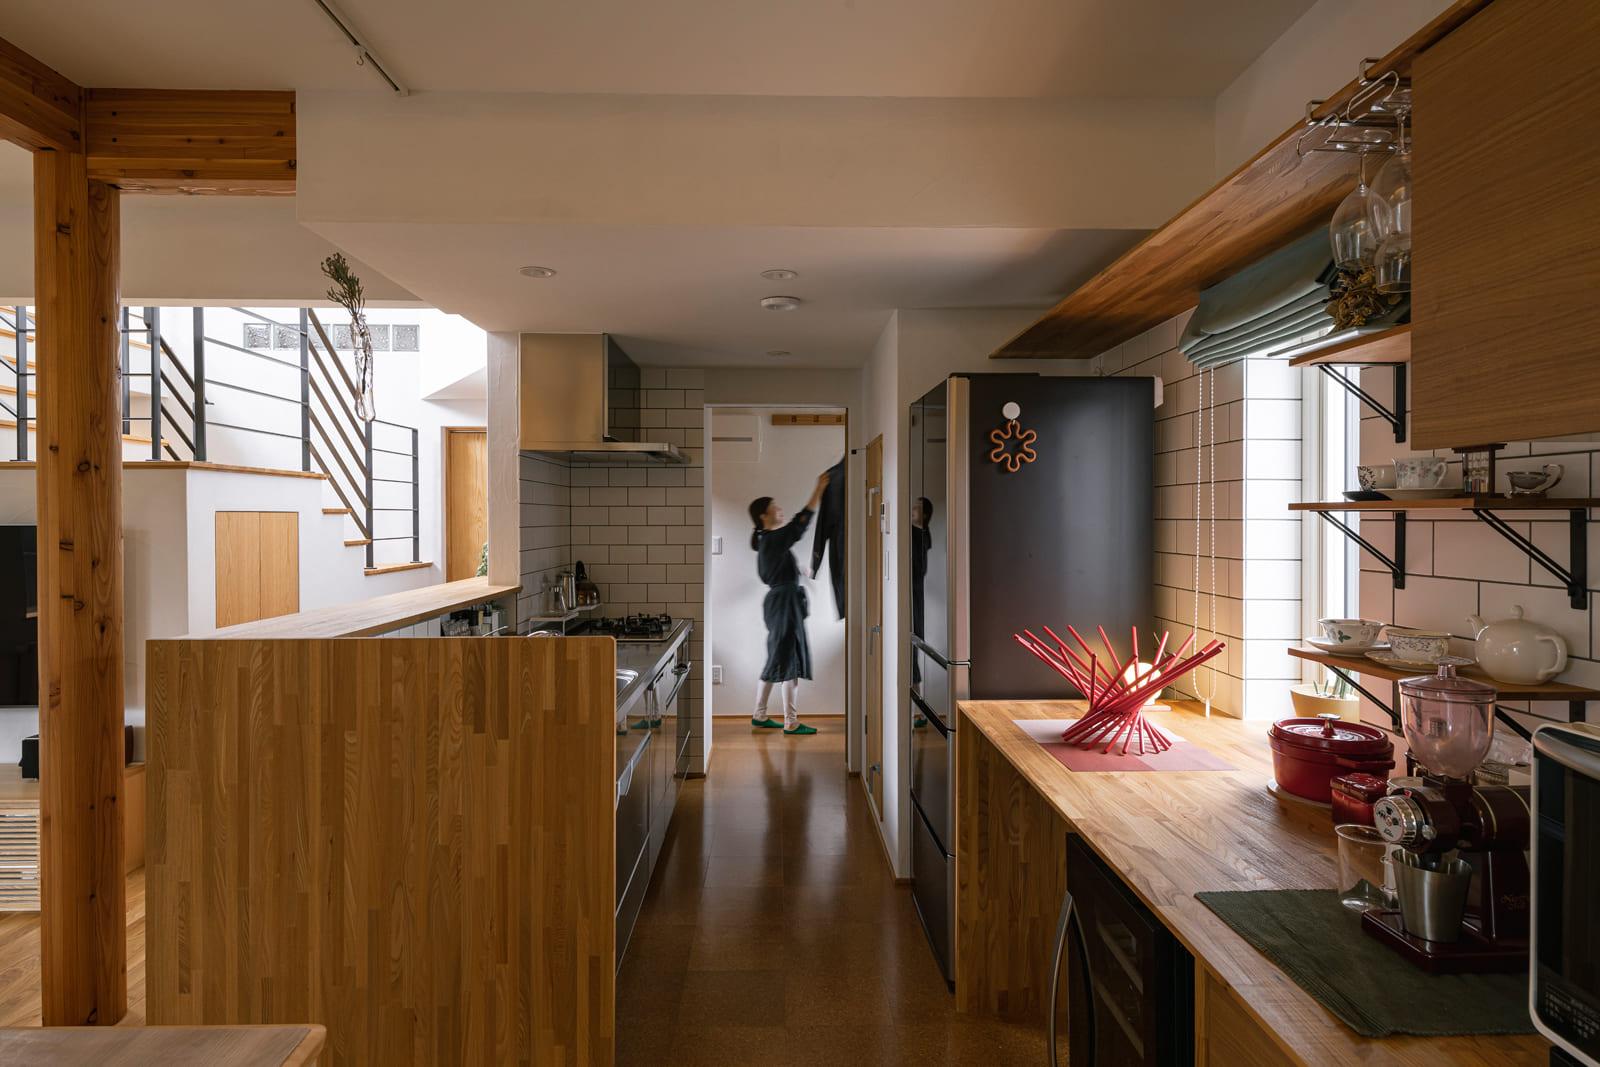 オープンなキッチンは料理好きなご夫妻のこだわりがいっぱい。ステンレスと木を基調に整えたキッチンに隣接して、ランドリーが設えられている